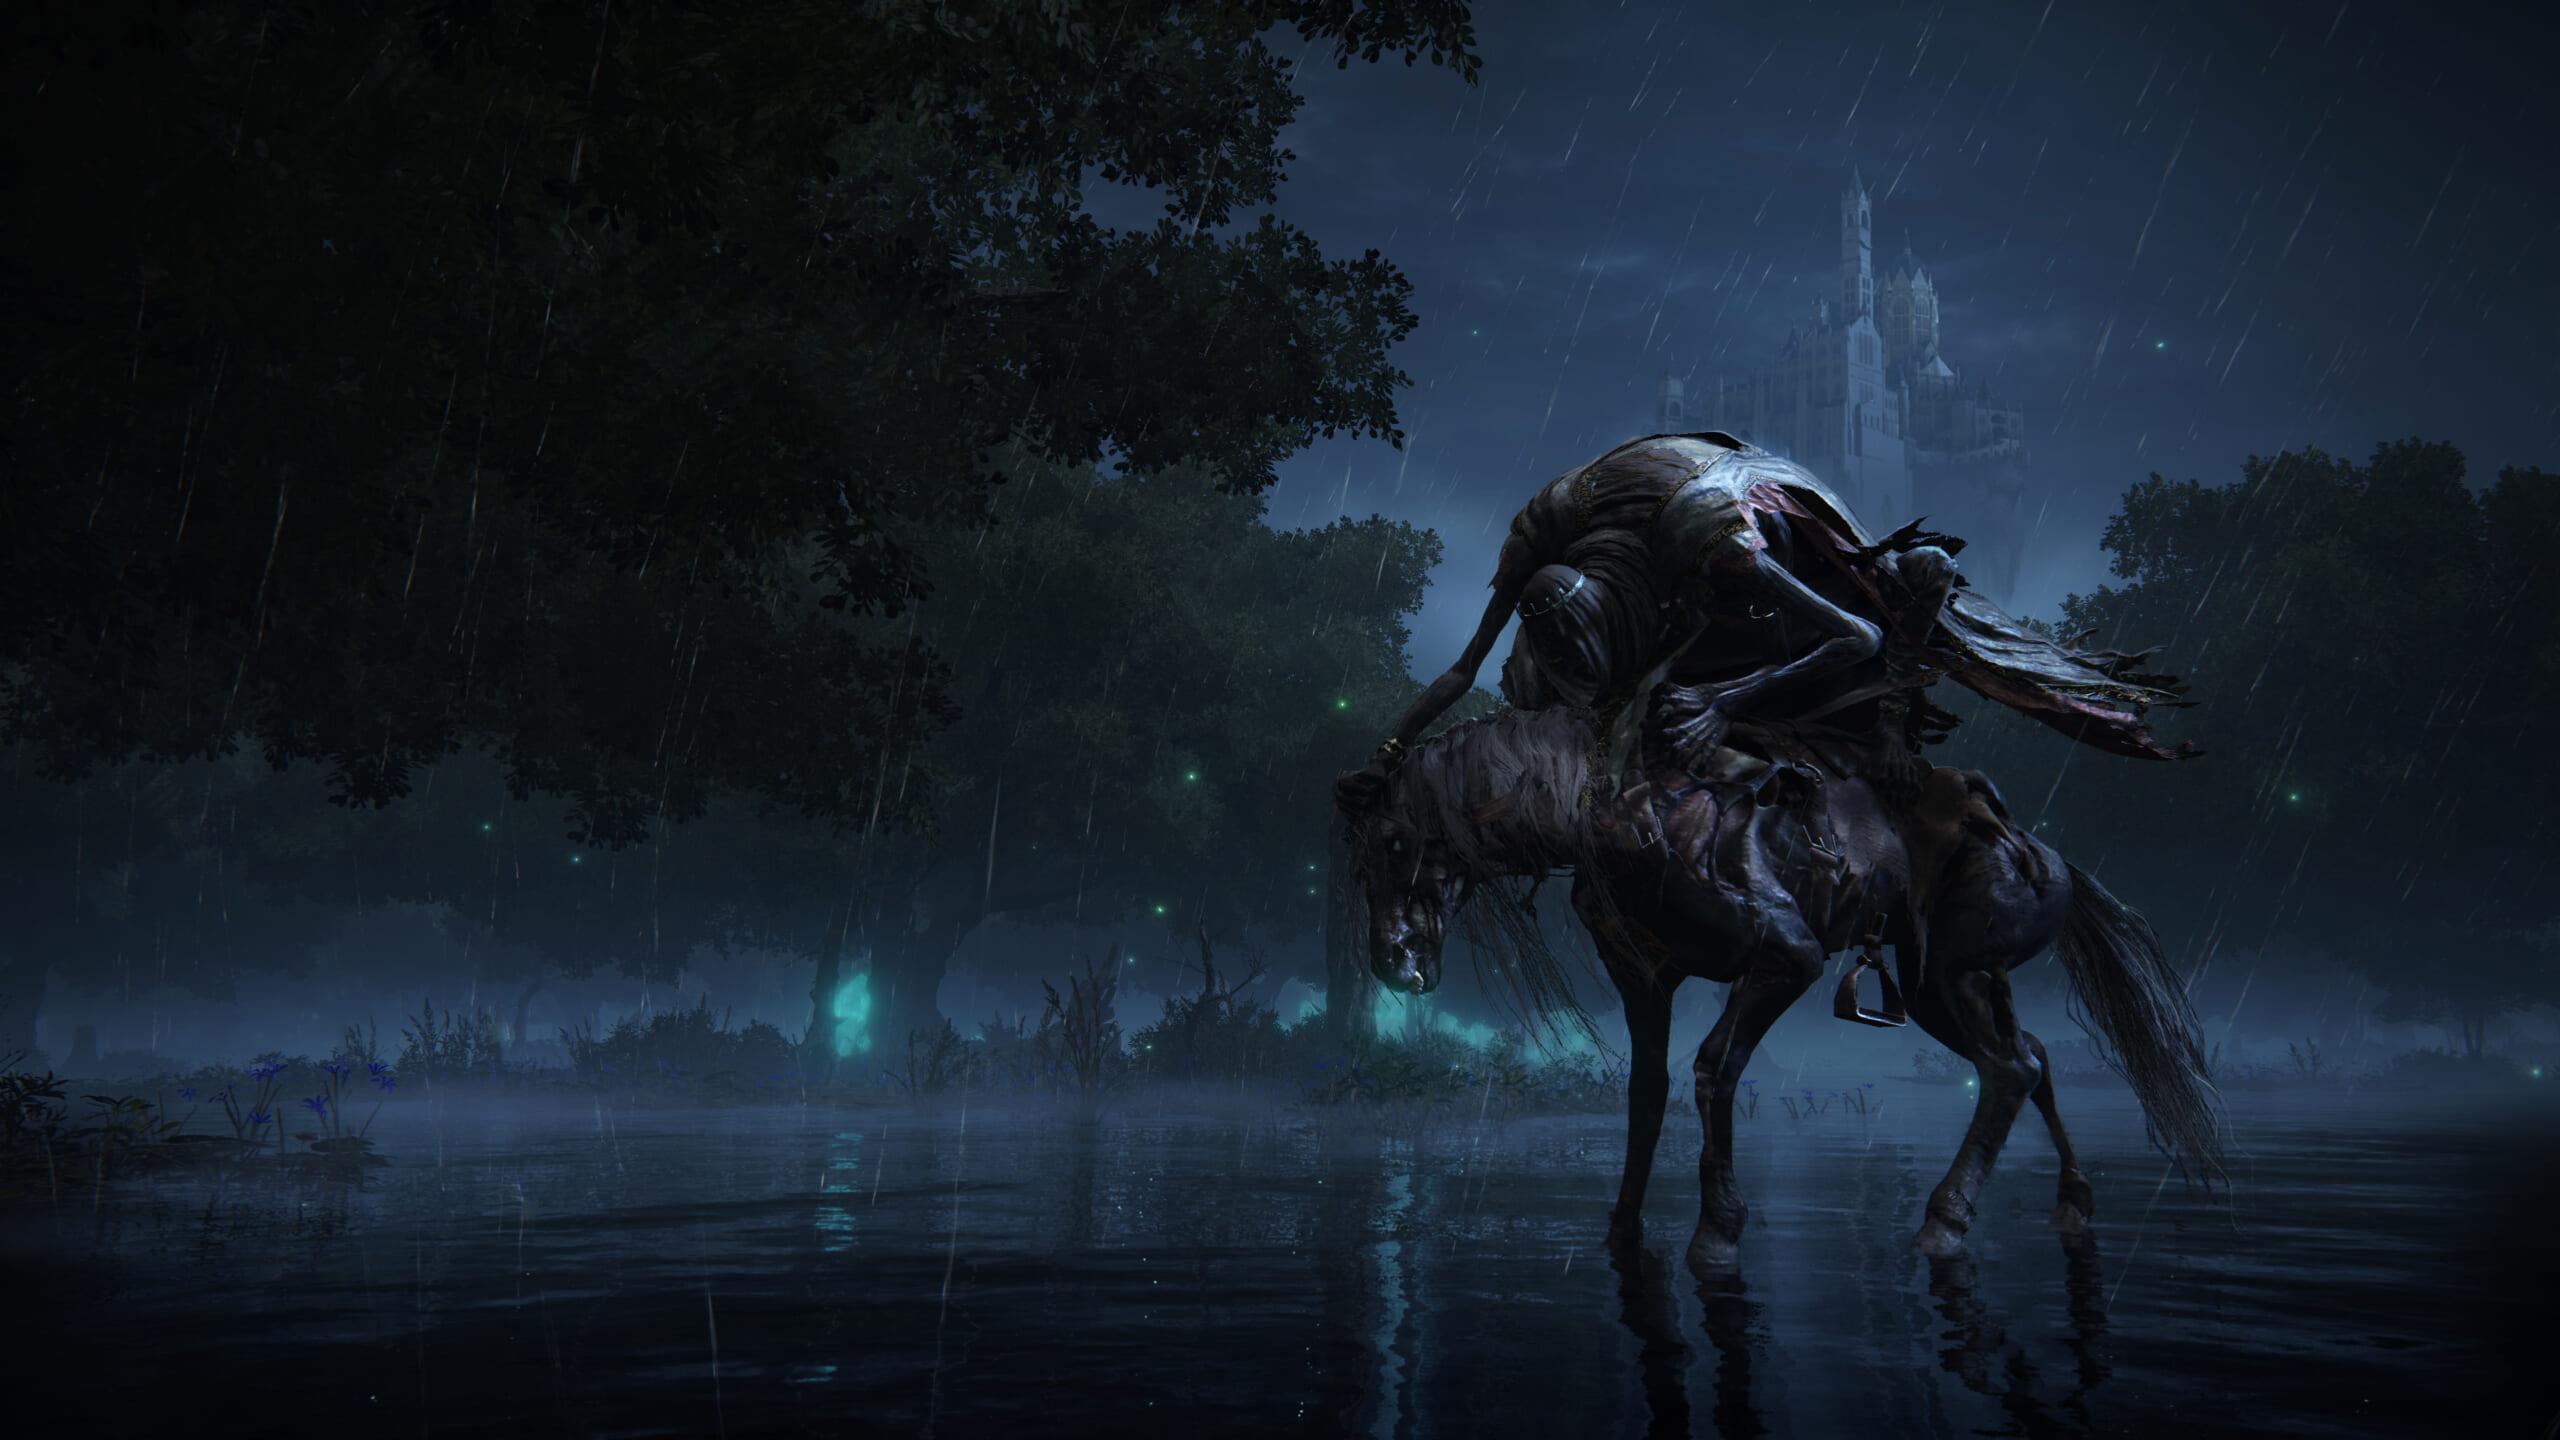 日 エルデン リング 発売 『エルデンリング』1月21日発売決定。馬の騎乗、ジャンプなどのアクションが見られる新映像が公開。PS5、XSXへの対応も発表【E3 2021】